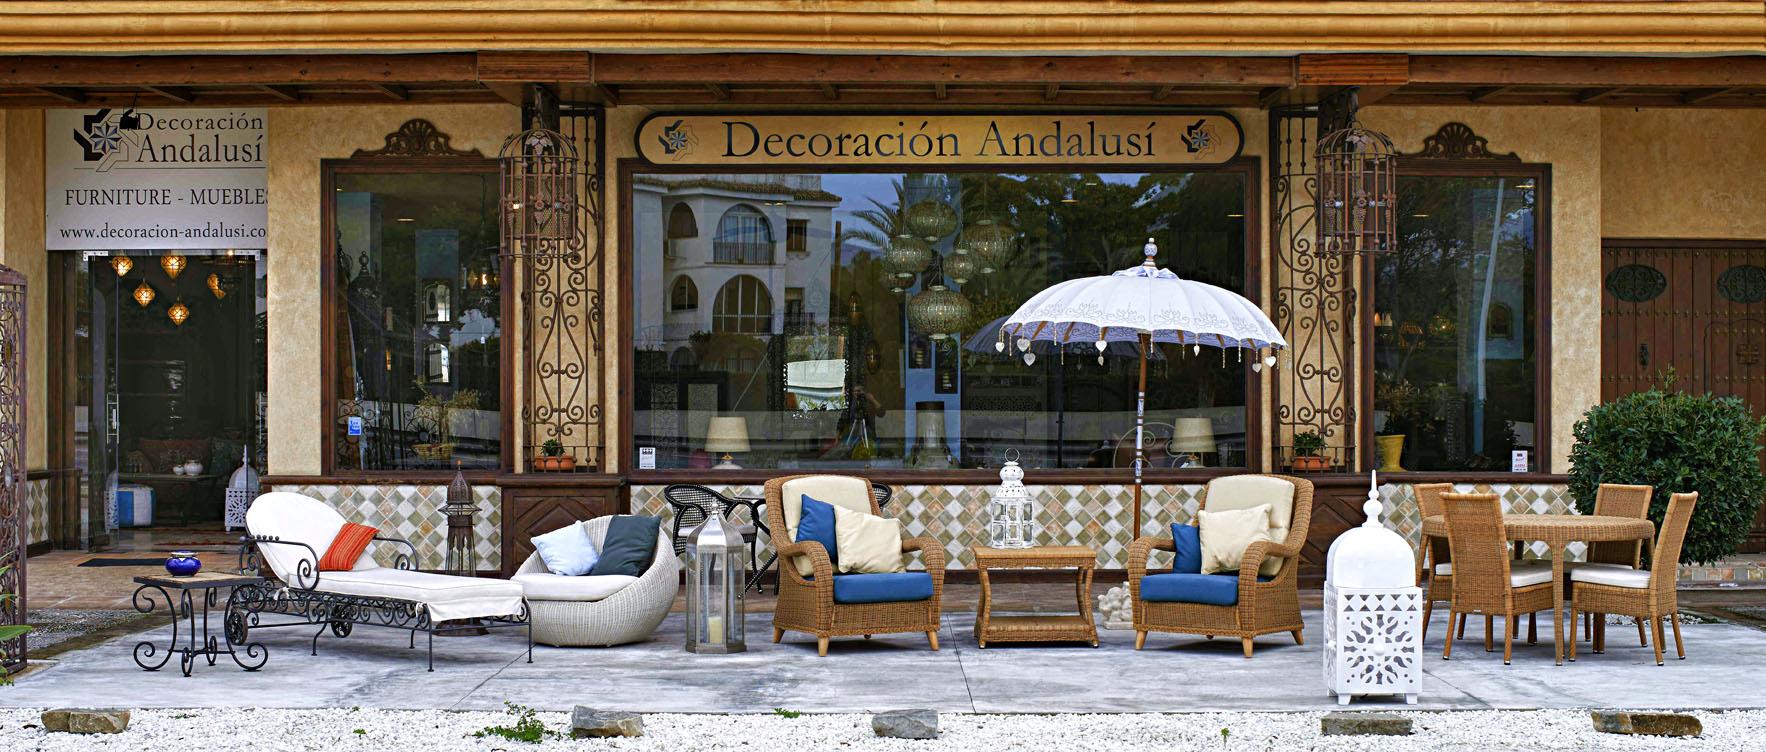 Decoandalus Tienda Muebles Marbella